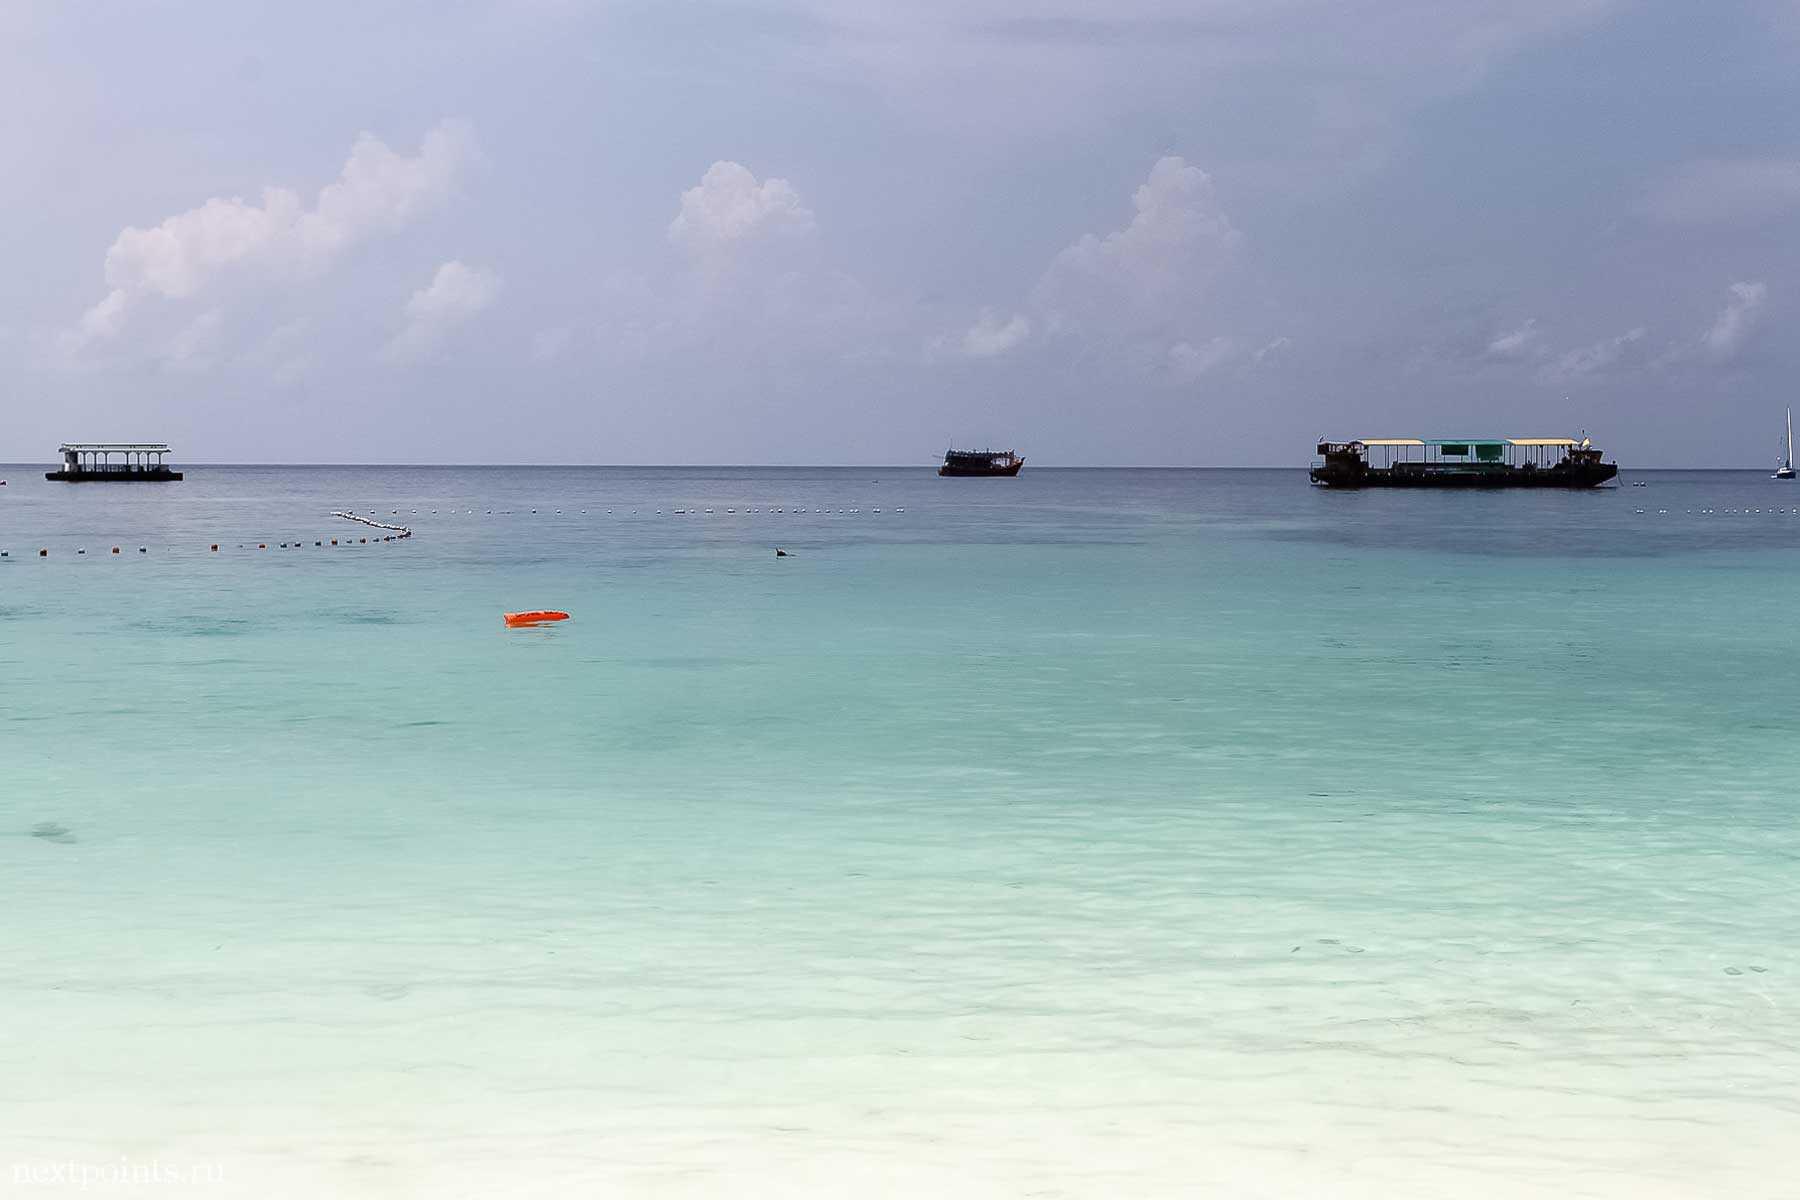 Пляж Pattaya на острове Ко Липе (Koh Lipe) в Таиланде